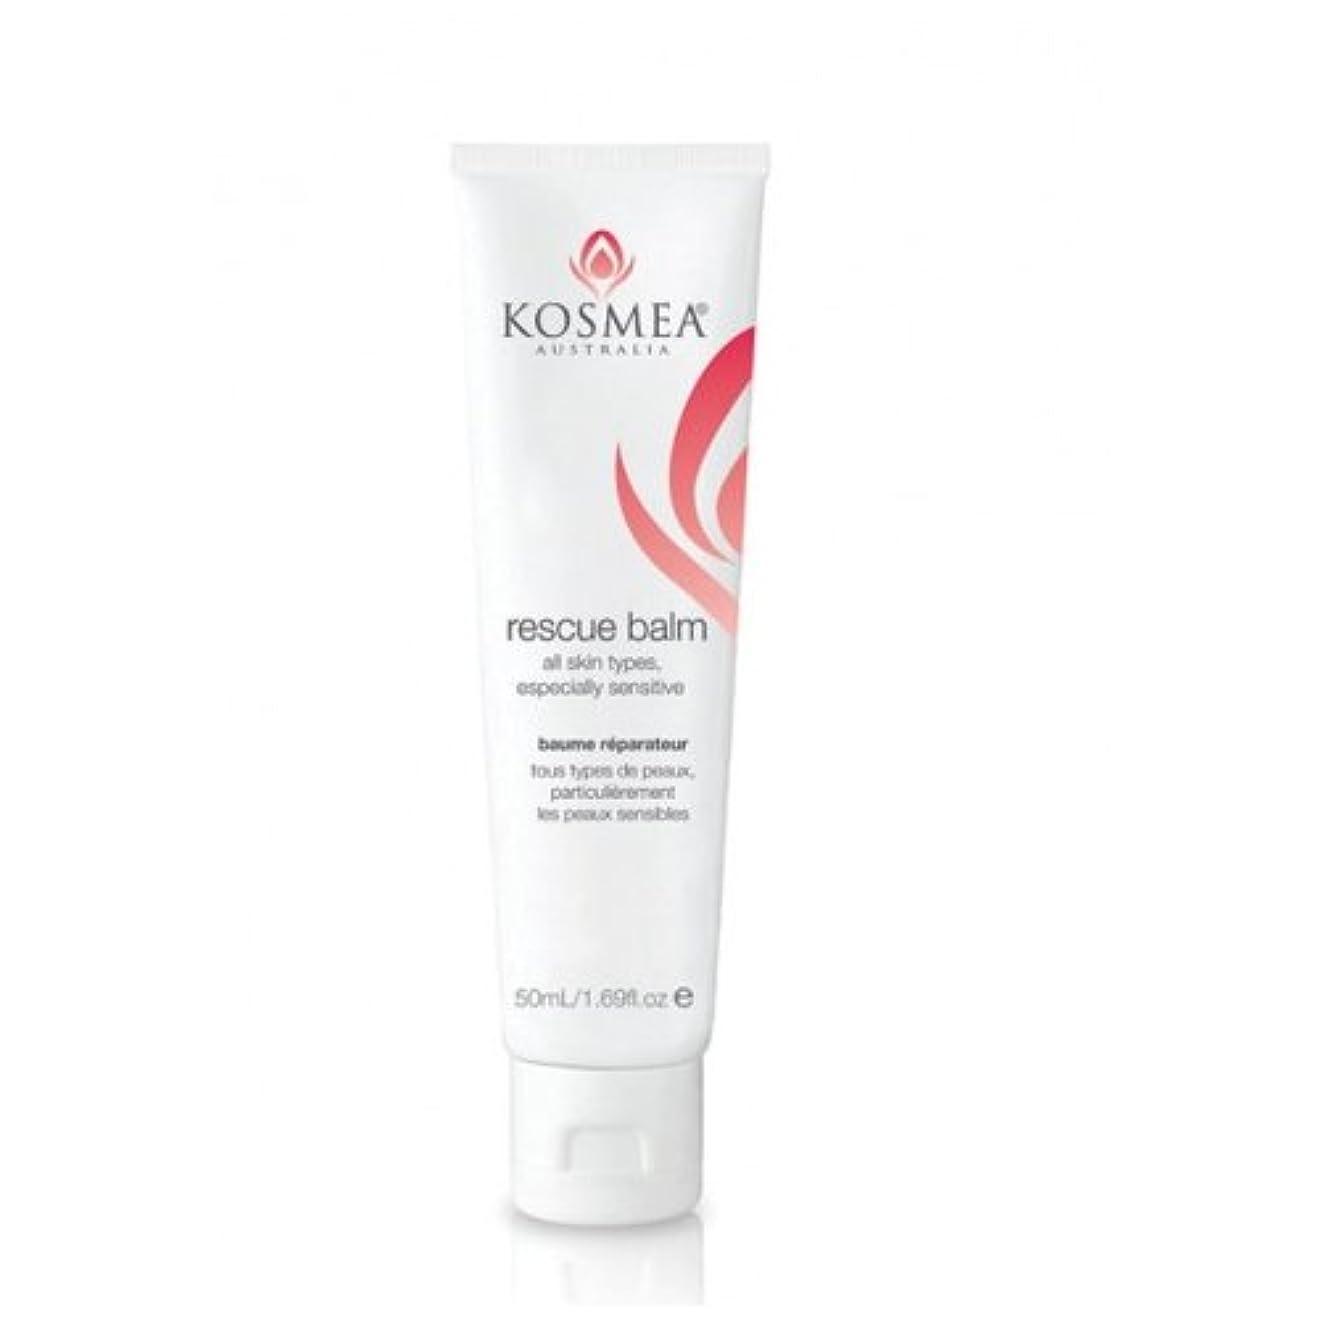 男やもめ今日ダース【KOSMEA】Skin Clinic TM Rescue Balm コスメア レスキューバーム 50ml 3個セット【並行輸入品】【海外直送品】